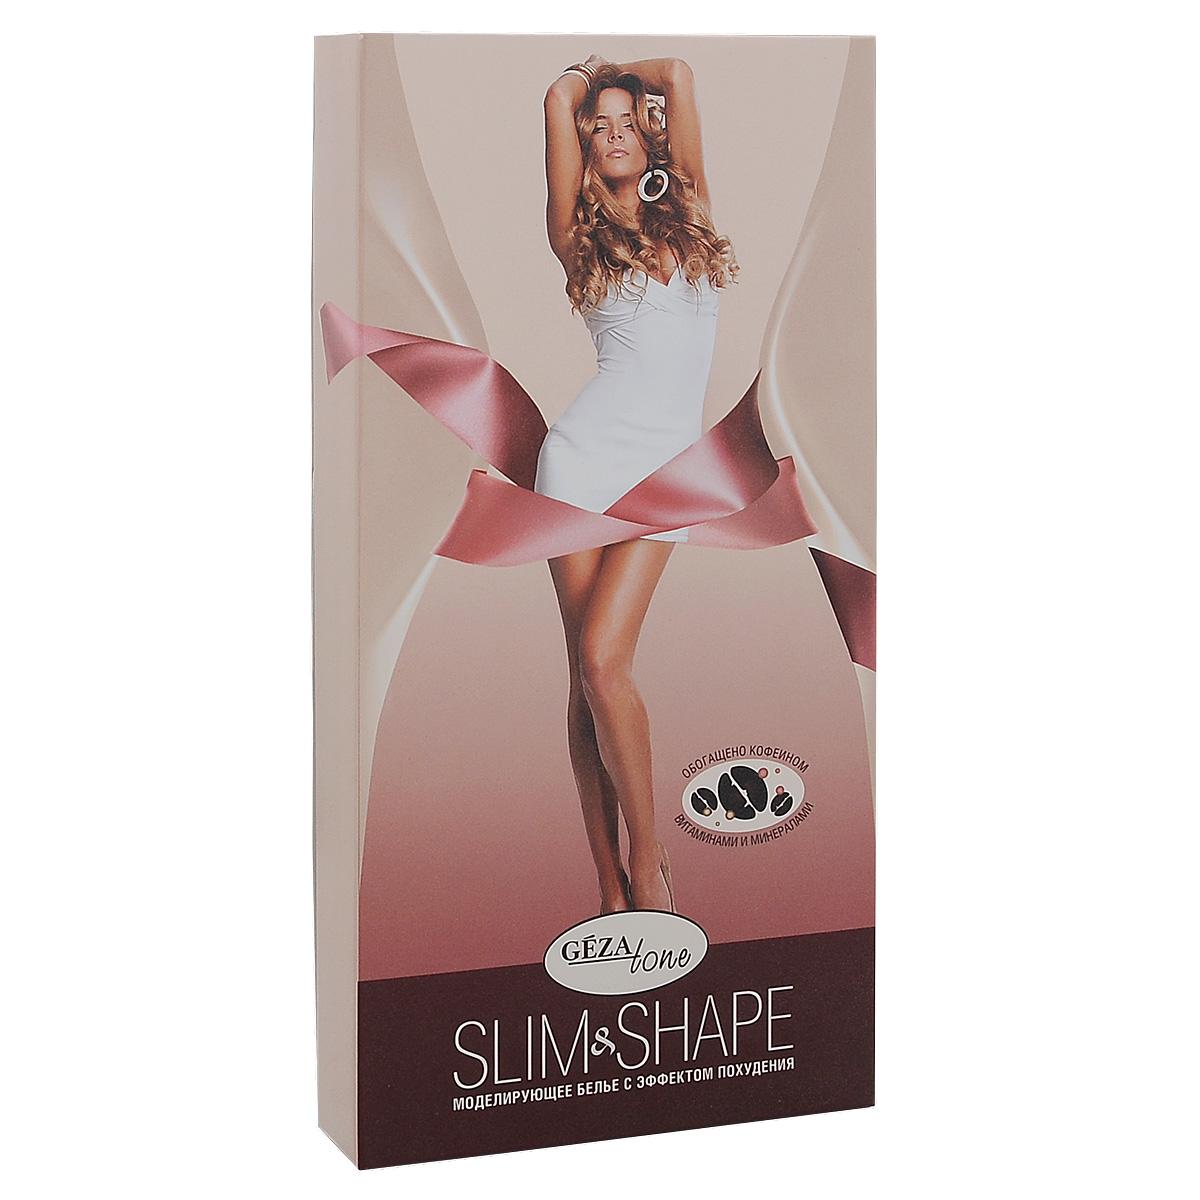 Моделирующий комбидрес Gezatone Slim & Shape, с эффектом похудения, цвет: черный. 102808. Размер M (46)10280Моделирующий комбидрес с эффектом похудения помогает каждой женщине выглядеть красиво и сексуально. Теперь в любой одежде вы будете чувствовать себя уверенно и естественно, не прилагая никаких усилий.В структуру волокон ткани белья Slim & Shape включены вещества, ускоряющие процессы расщепления жира и лимфодренаж, способствующие выравниванию кожного рельефа и уменьшению эффекта апельсиновой корки. Инкапсулированные в волокна ткани активные вещества обеспечивают полноценный комплексный уход за кожей тела, повышая ее тонус, упругость и эластичность, увлажняя и смягчая. Клинические испытания белья Slim & Shape, проведенные при содействии клиник и институтов в разных странах мира, представили поразительные результаты, которые говорят о том, что ежедневное применение корректирующего белья для похудения Slim & Shape, уменьшает проявления целлюлита, способствует выравниванию кожного рельефа в проблемных зонах, и уменьшает объемы без дополнительного воздействия. Все положительные корректирующие результаты, отмеченные у 95% участников испытаний, Slim & Shape обеспечивает структура ткани со специальной пропиткой.